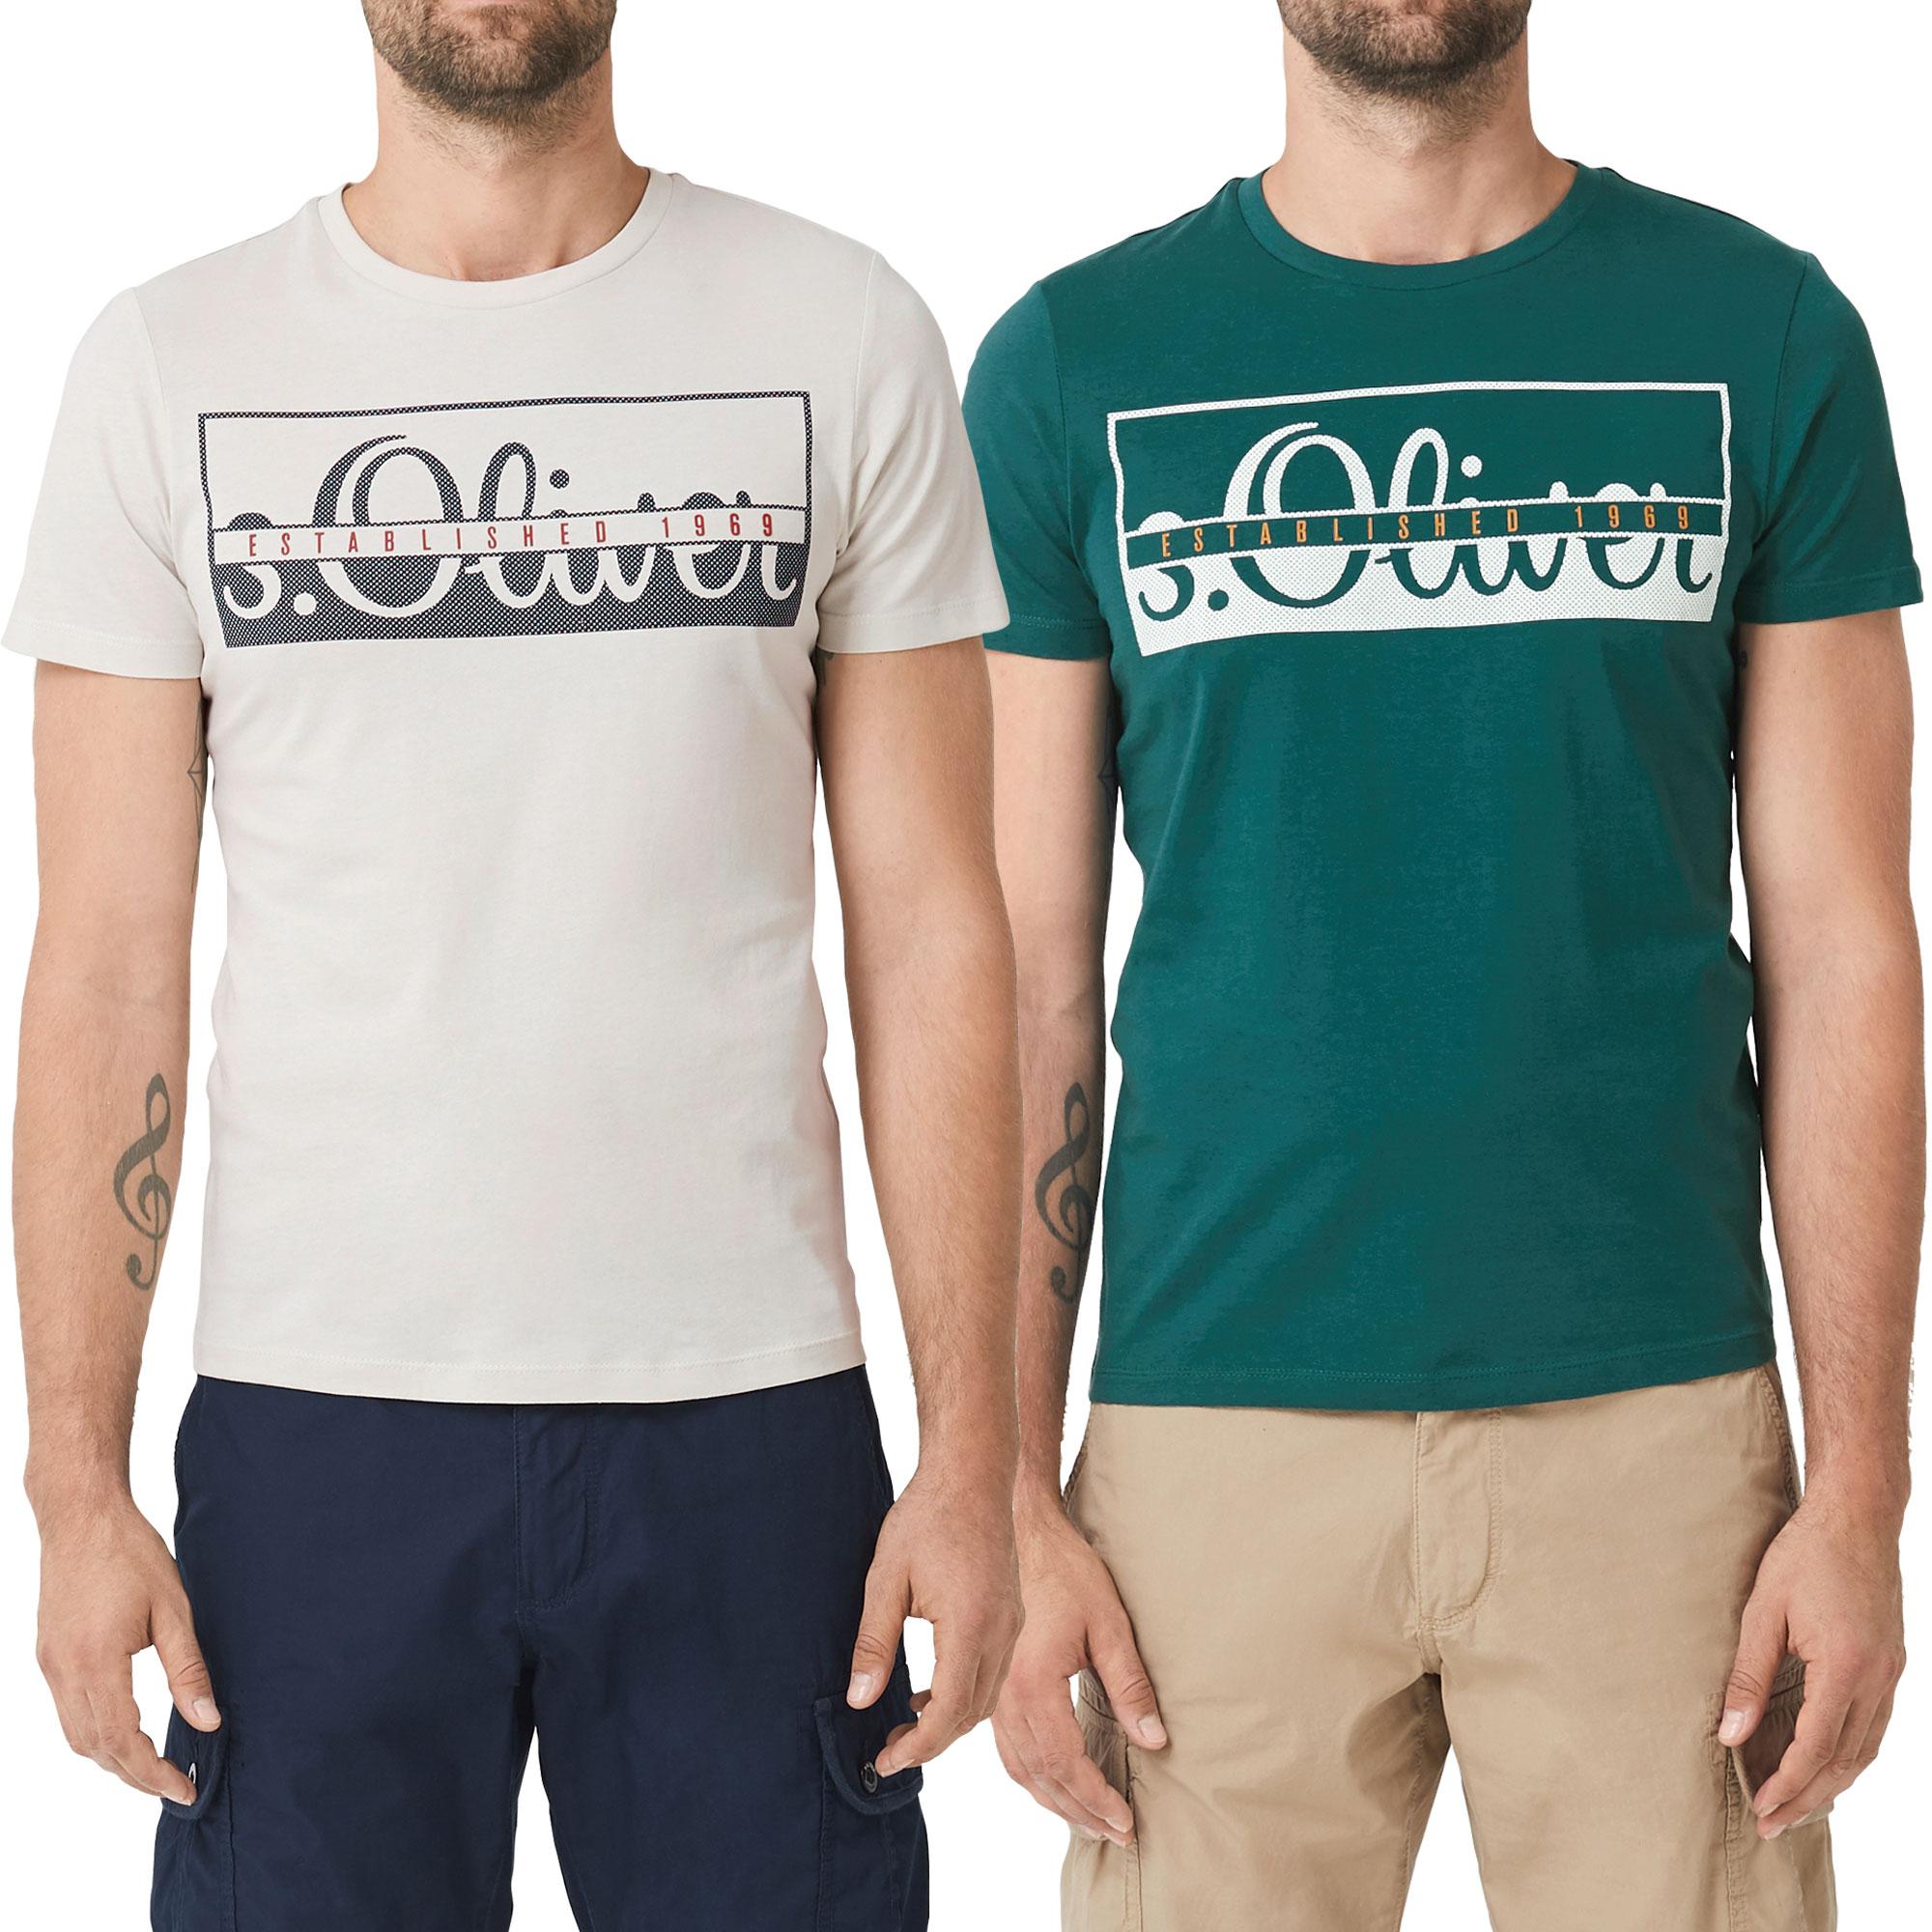 s.Oliver Herren T-Shirt, Rundhals Slim Fit, 2 Stück – Bild 7